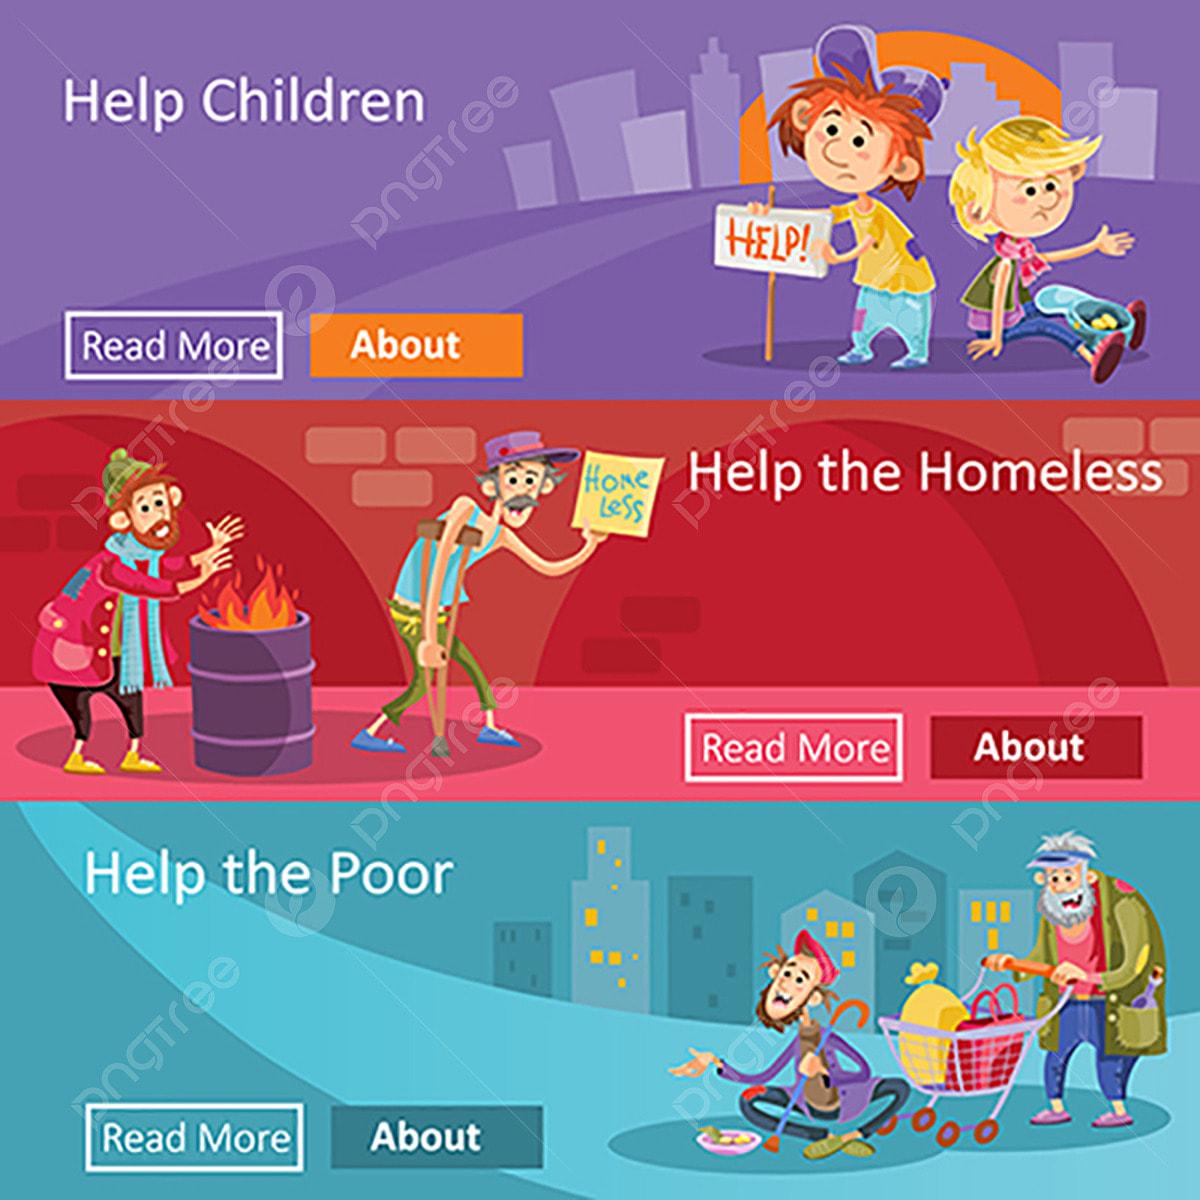 Homeless Children Stock Illustrations – 675 Homeless Children Stock  Illustrations, Vectors & Clipart - Dreamstime